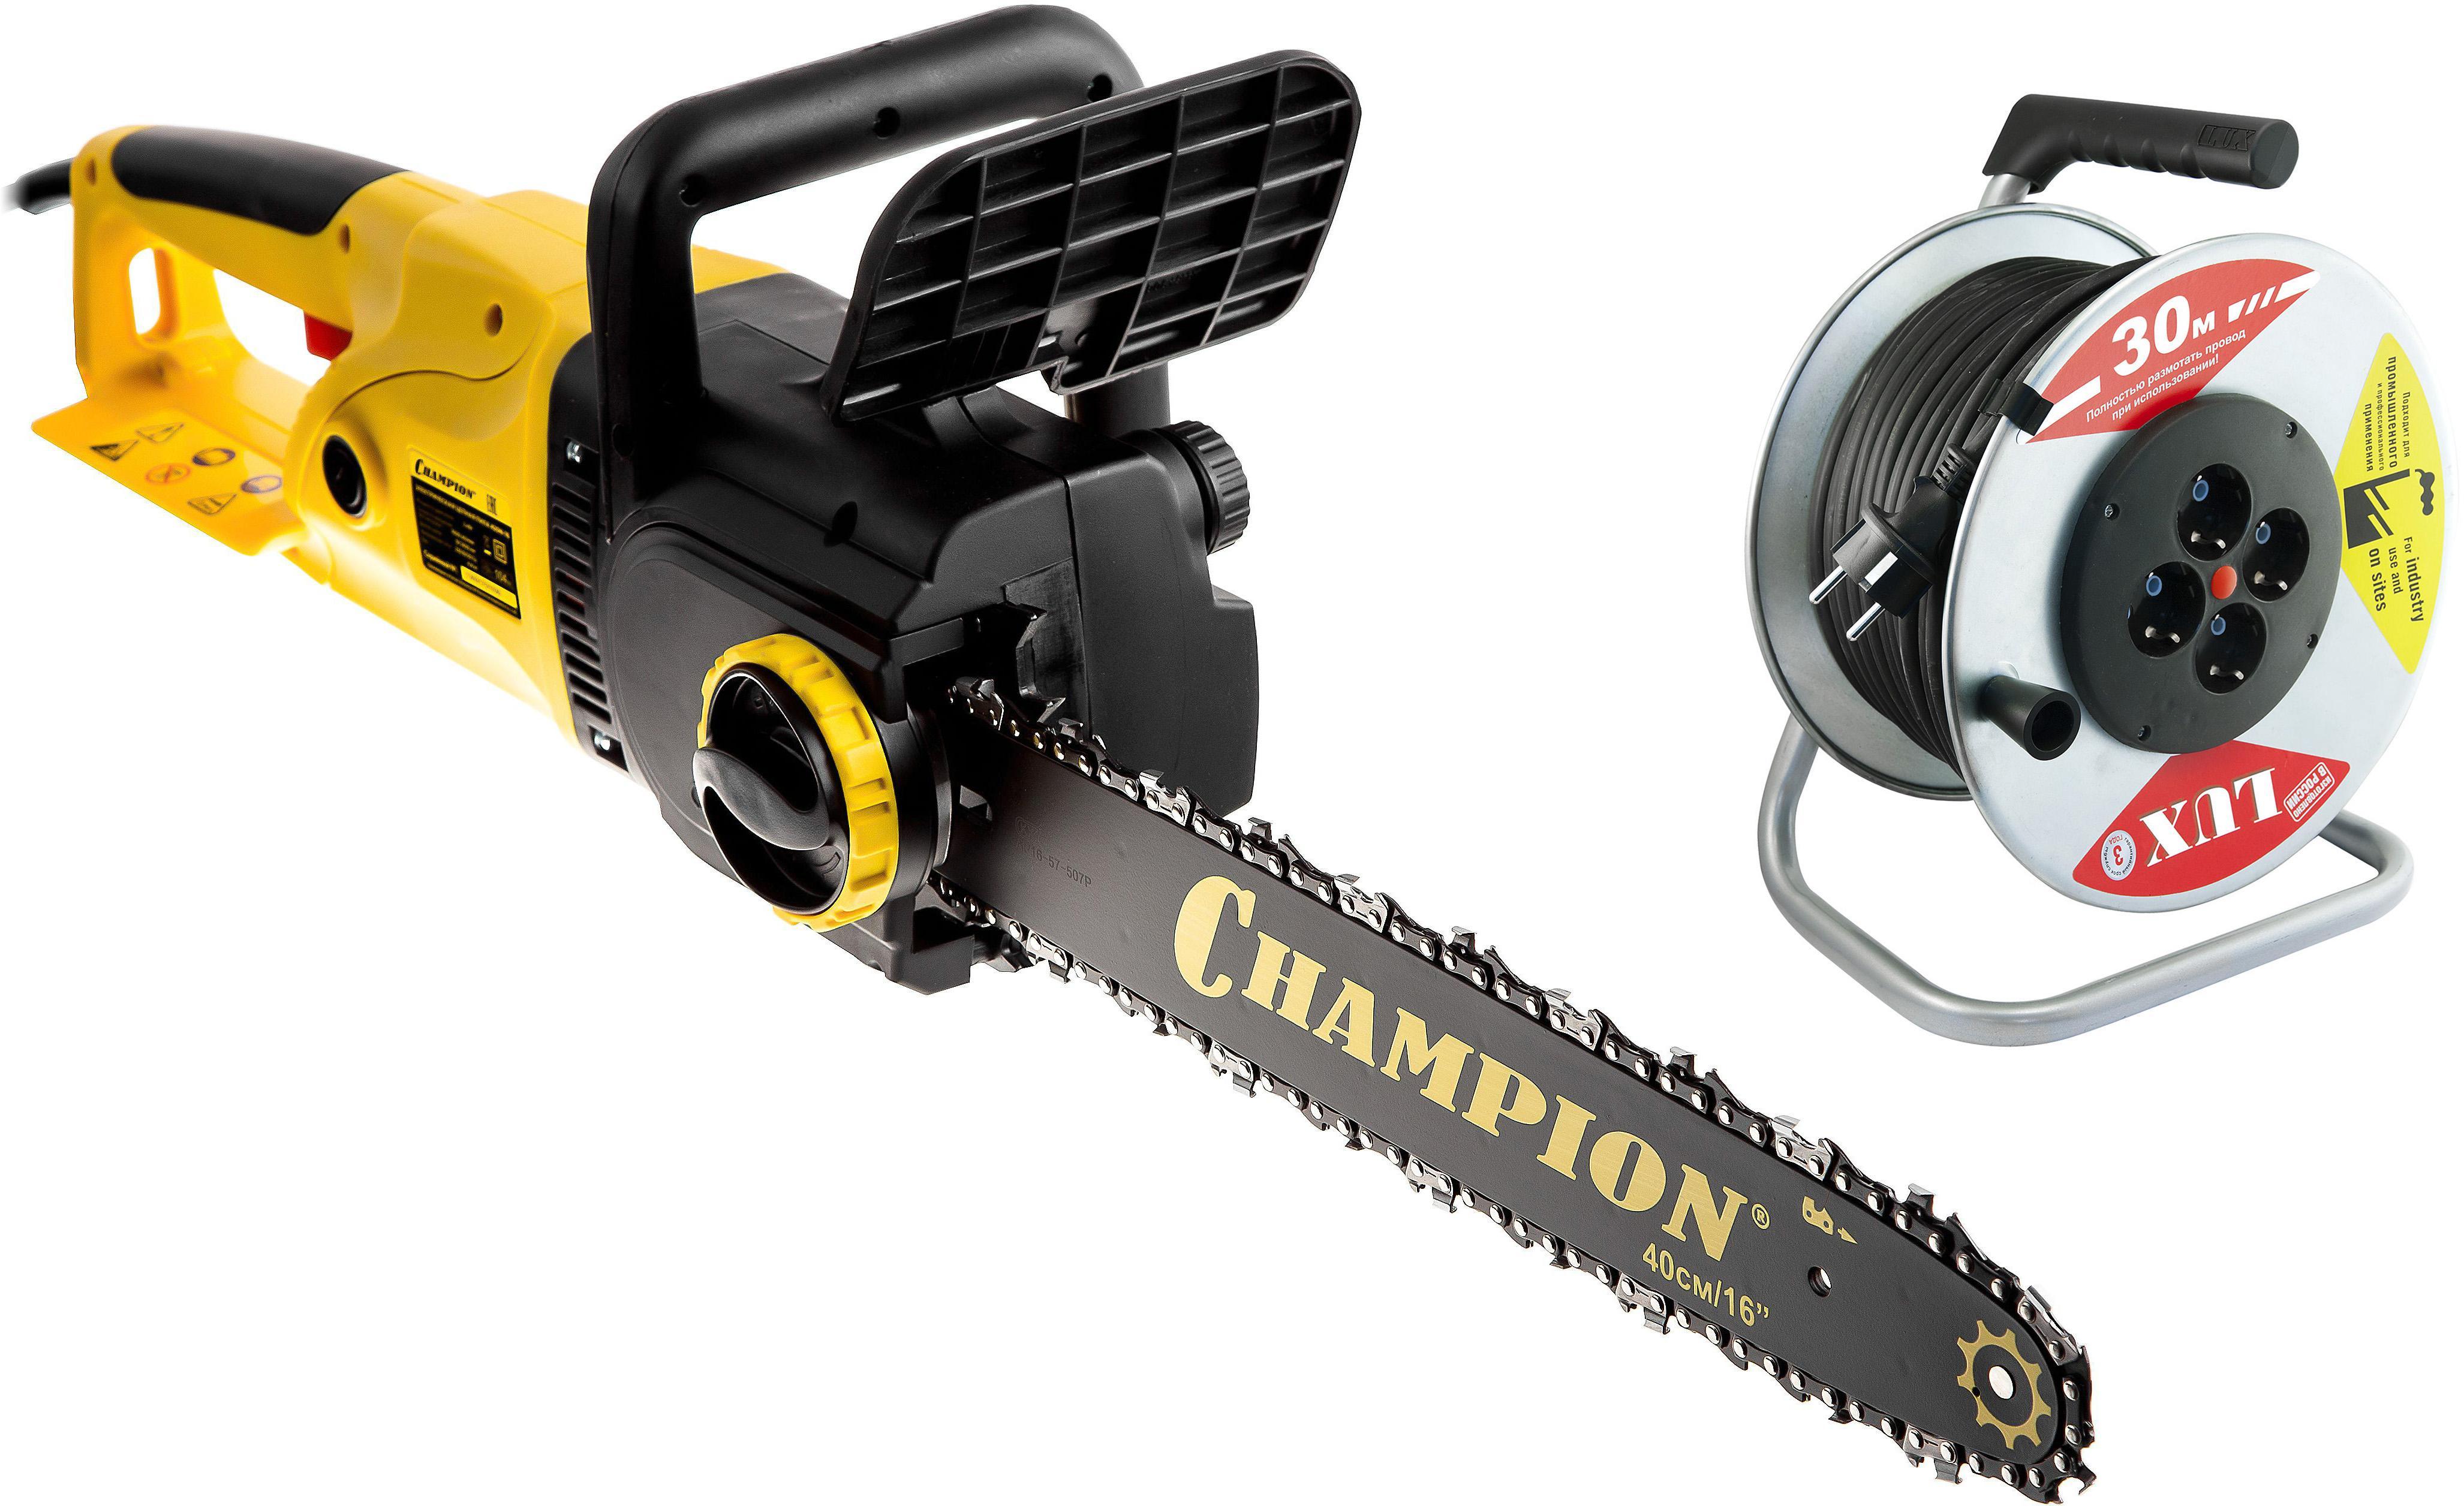 Набор Champion Пила цепная 420n-16 +Удлинитель 45130